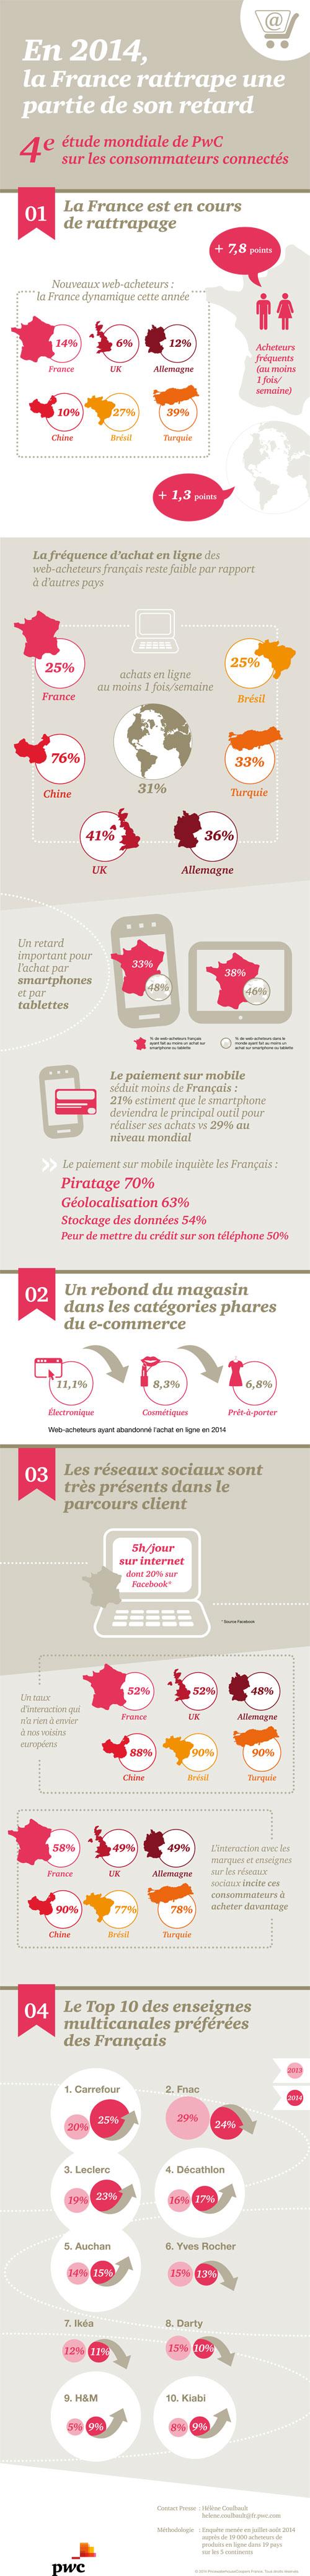 Malgré la croissance du e-commerce, les français reviennent de plus ... 8d187dc78344